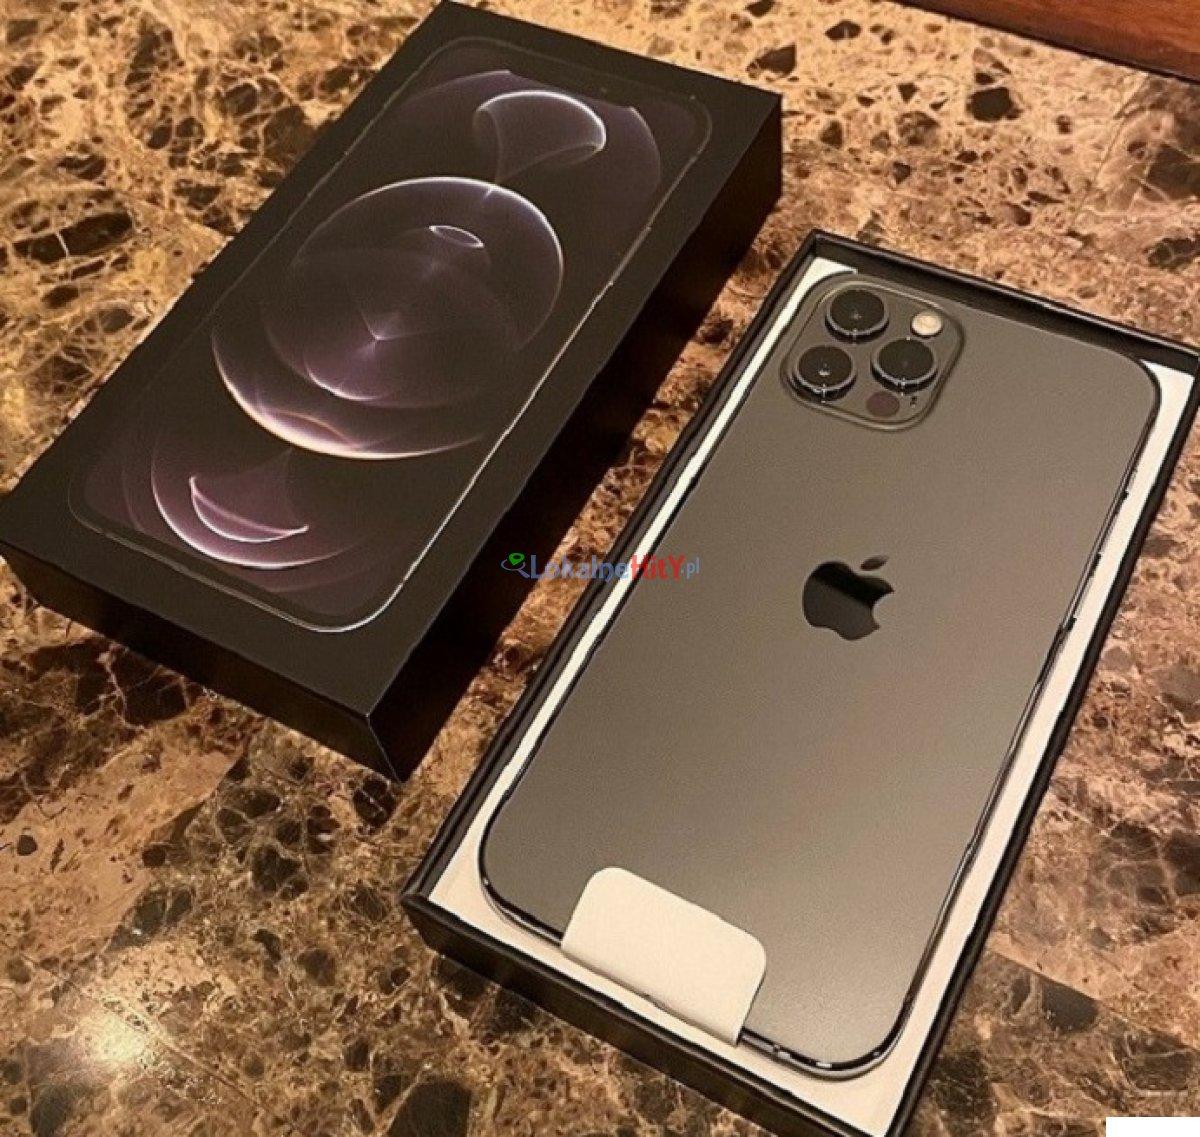 Apple iPhone 12 Pro 128GB =600 EUR, iPhone 12 64GB = 480 EUR, iPhone 12 Pro Max 128GB = 650 EUR, Apple iPhone 11 Pro 64GB = 500 EUR